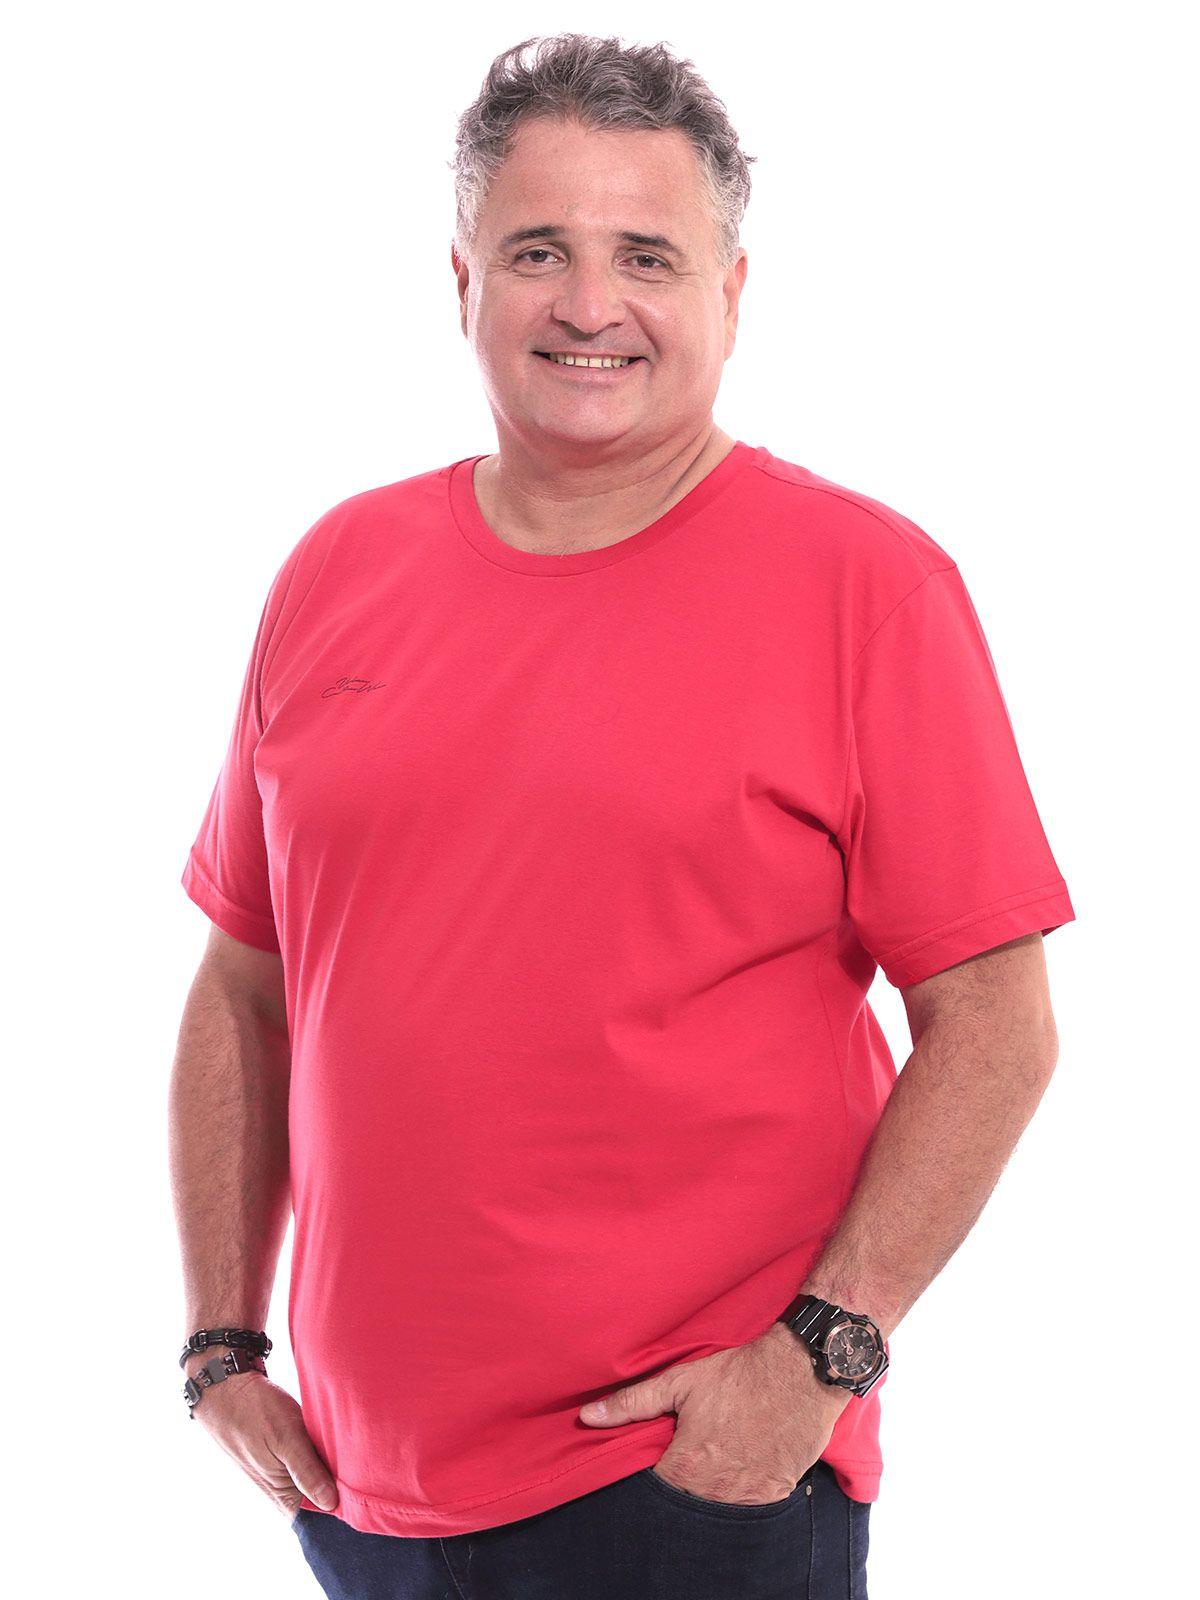 Camiseta Plus Size Masculina Gola Careca Manga Curta Vermelho